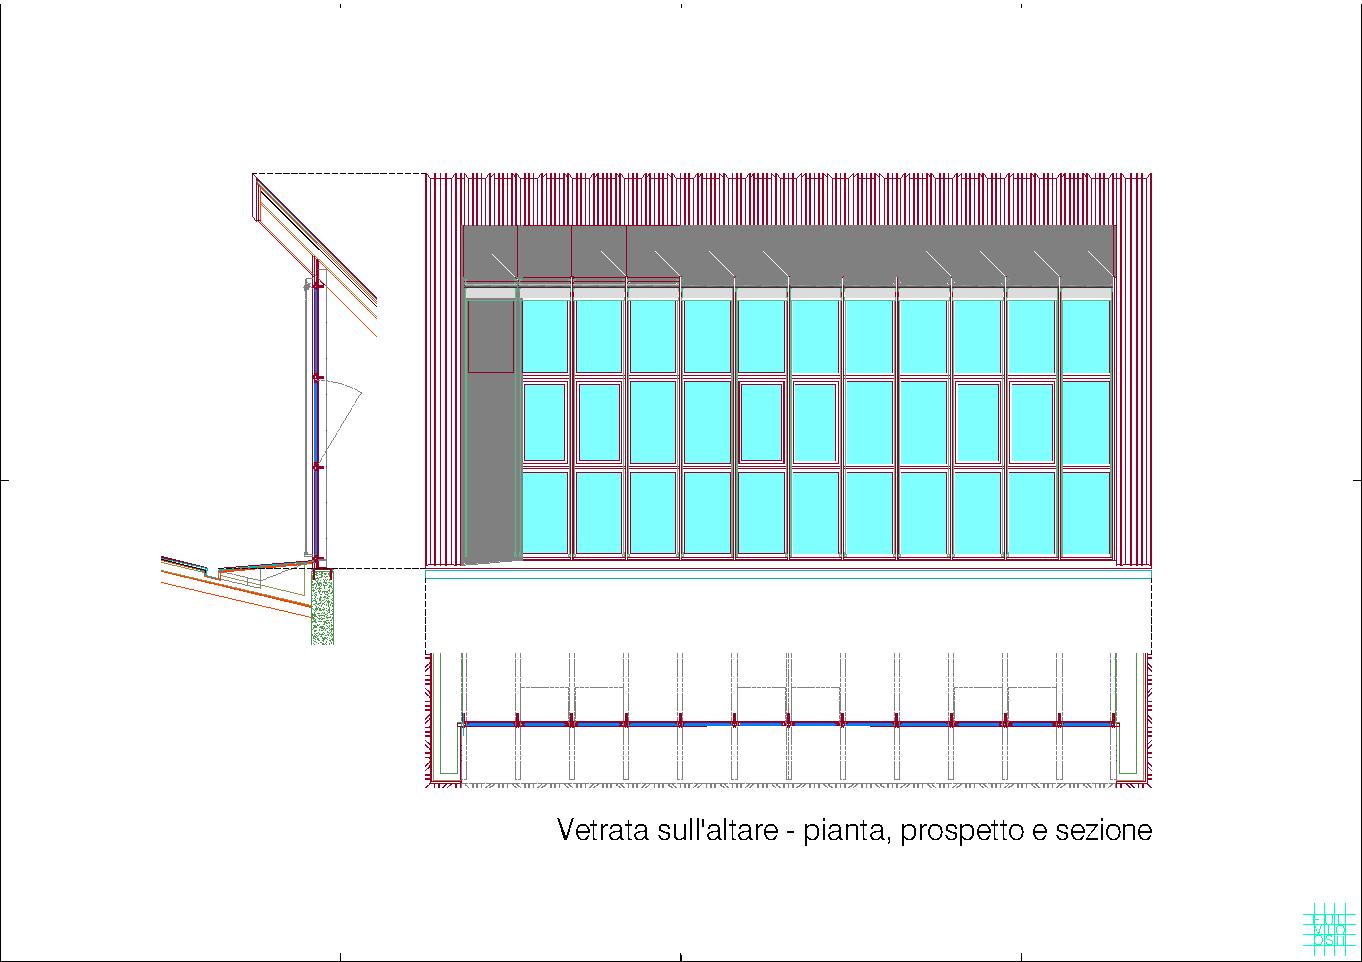 progetto-modellofionestrone